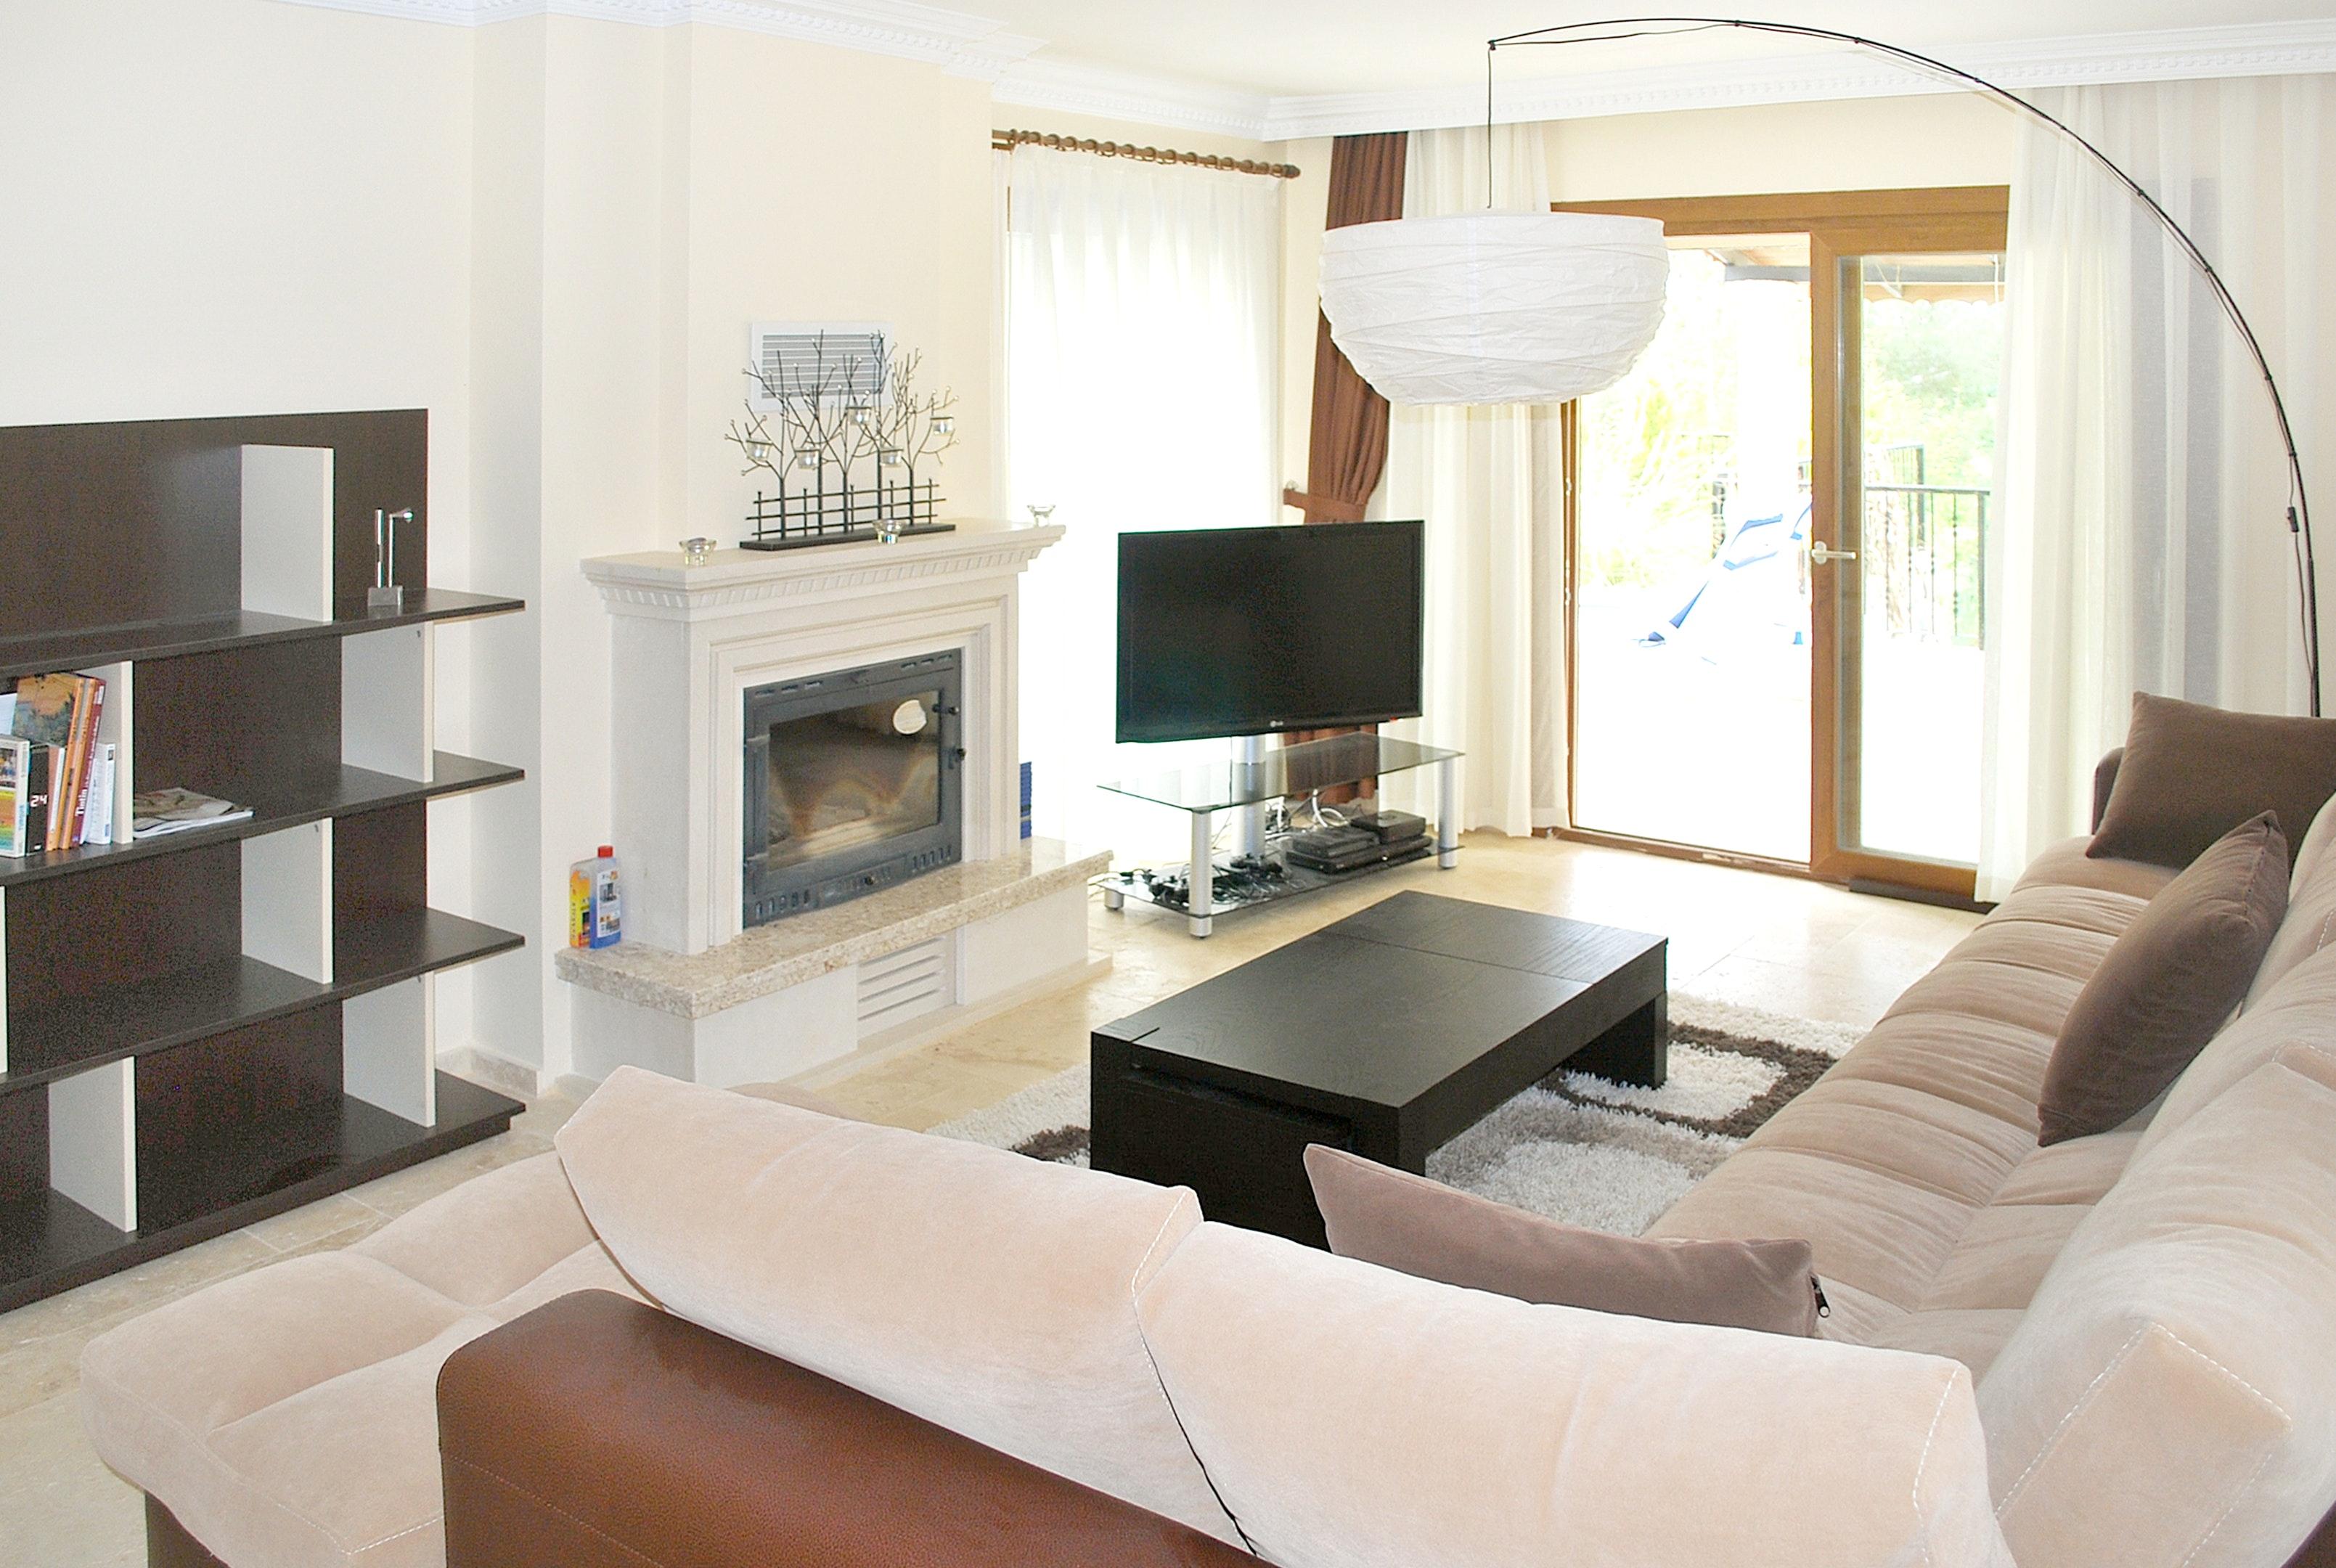 Maison de vacances Haus mit 4 Schlafzimmern in Ku_adas1 mit privatem Pool und eingezäuntem Garten - 2 km vo (2236746), Kuşadası, , Région Egéenne, Turquie, image 4